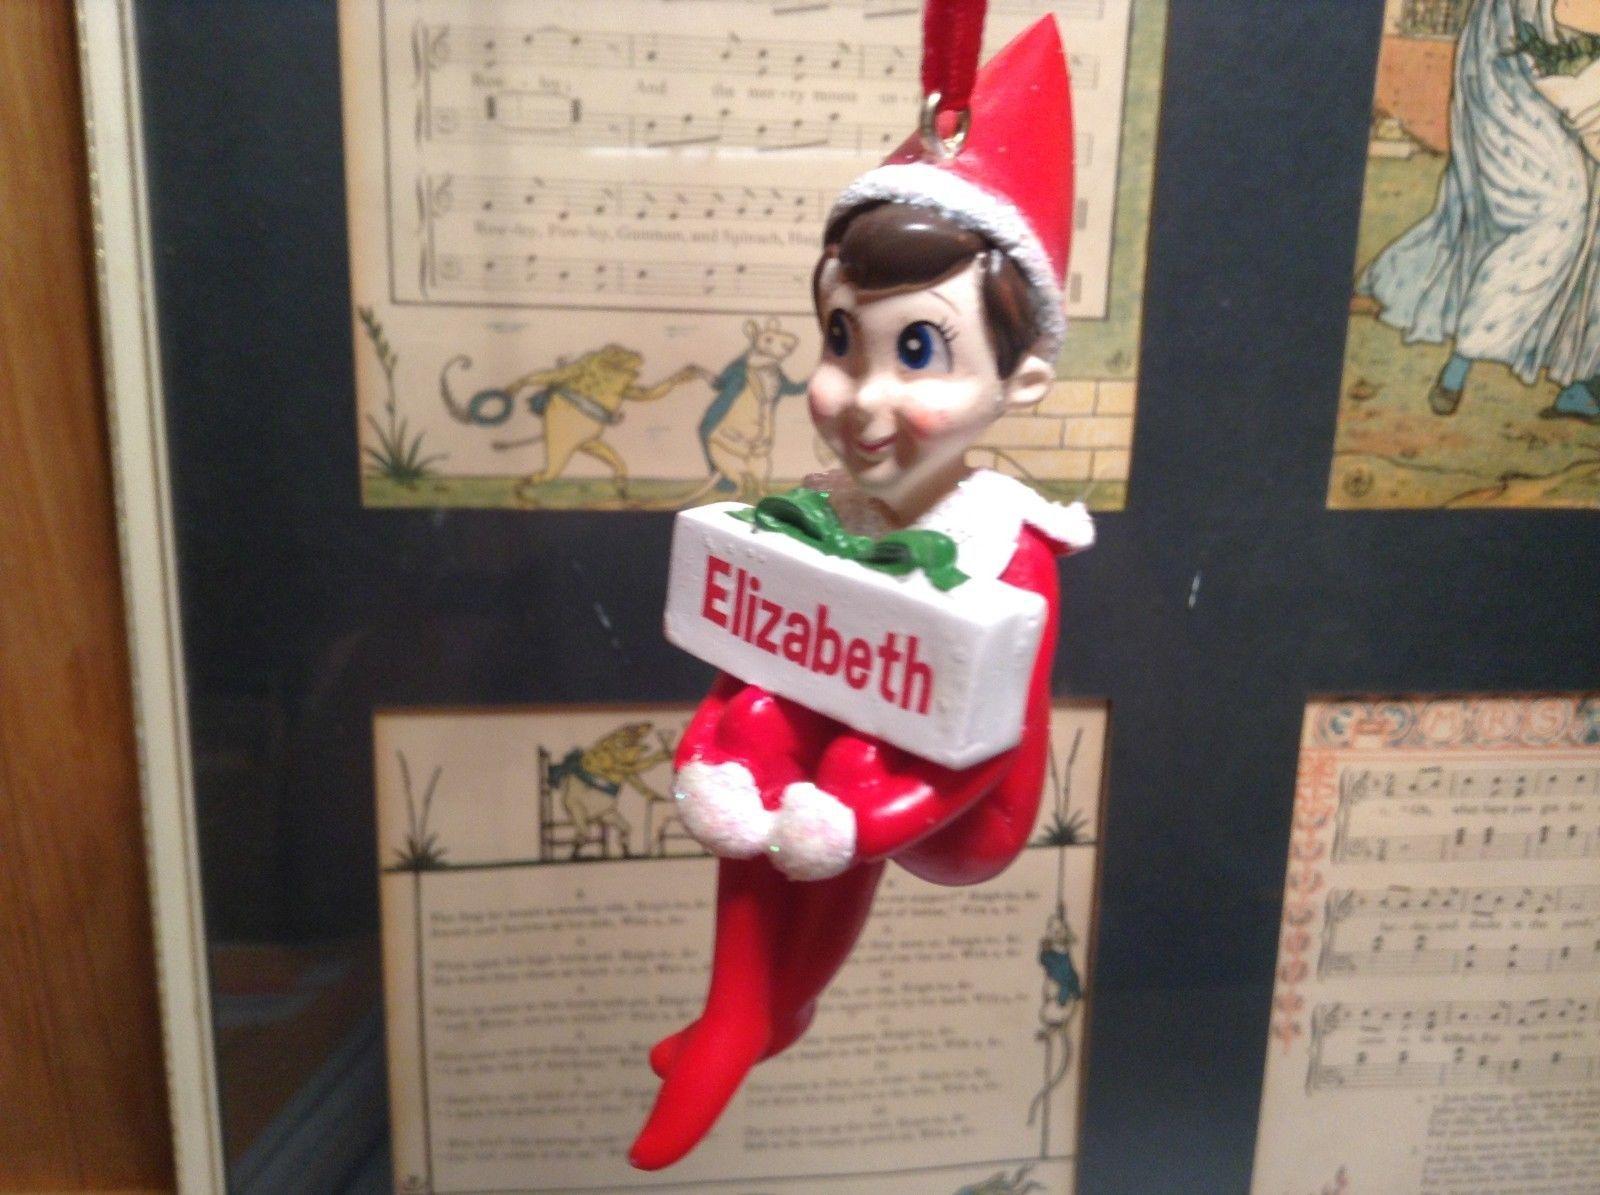 Dept 56 - Elf on the Shelf - Elf named Elizabeth Christmas Ornament